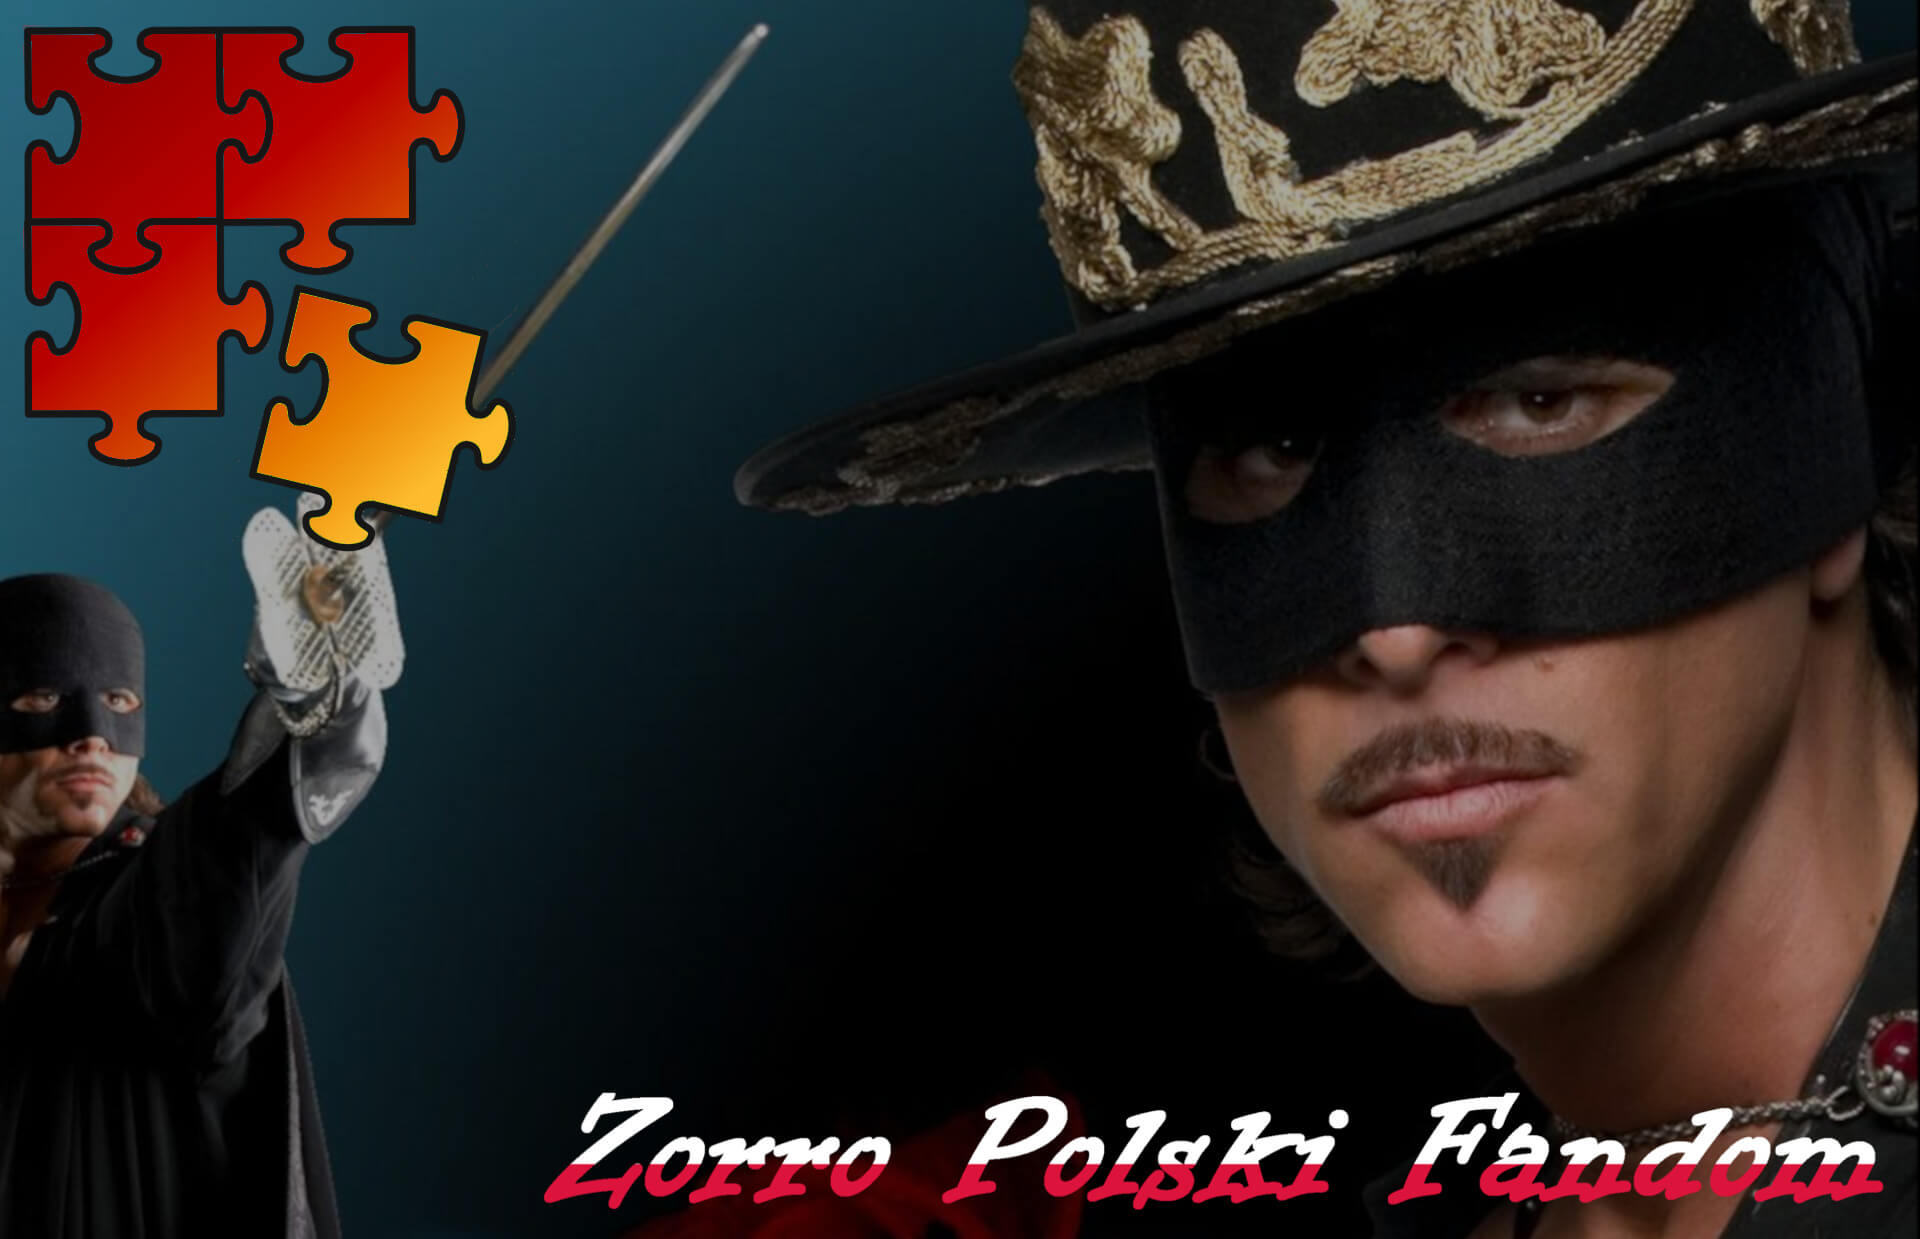 Jigsaw Puzzle El Zorro, la espada y la rosa - Zorro PL